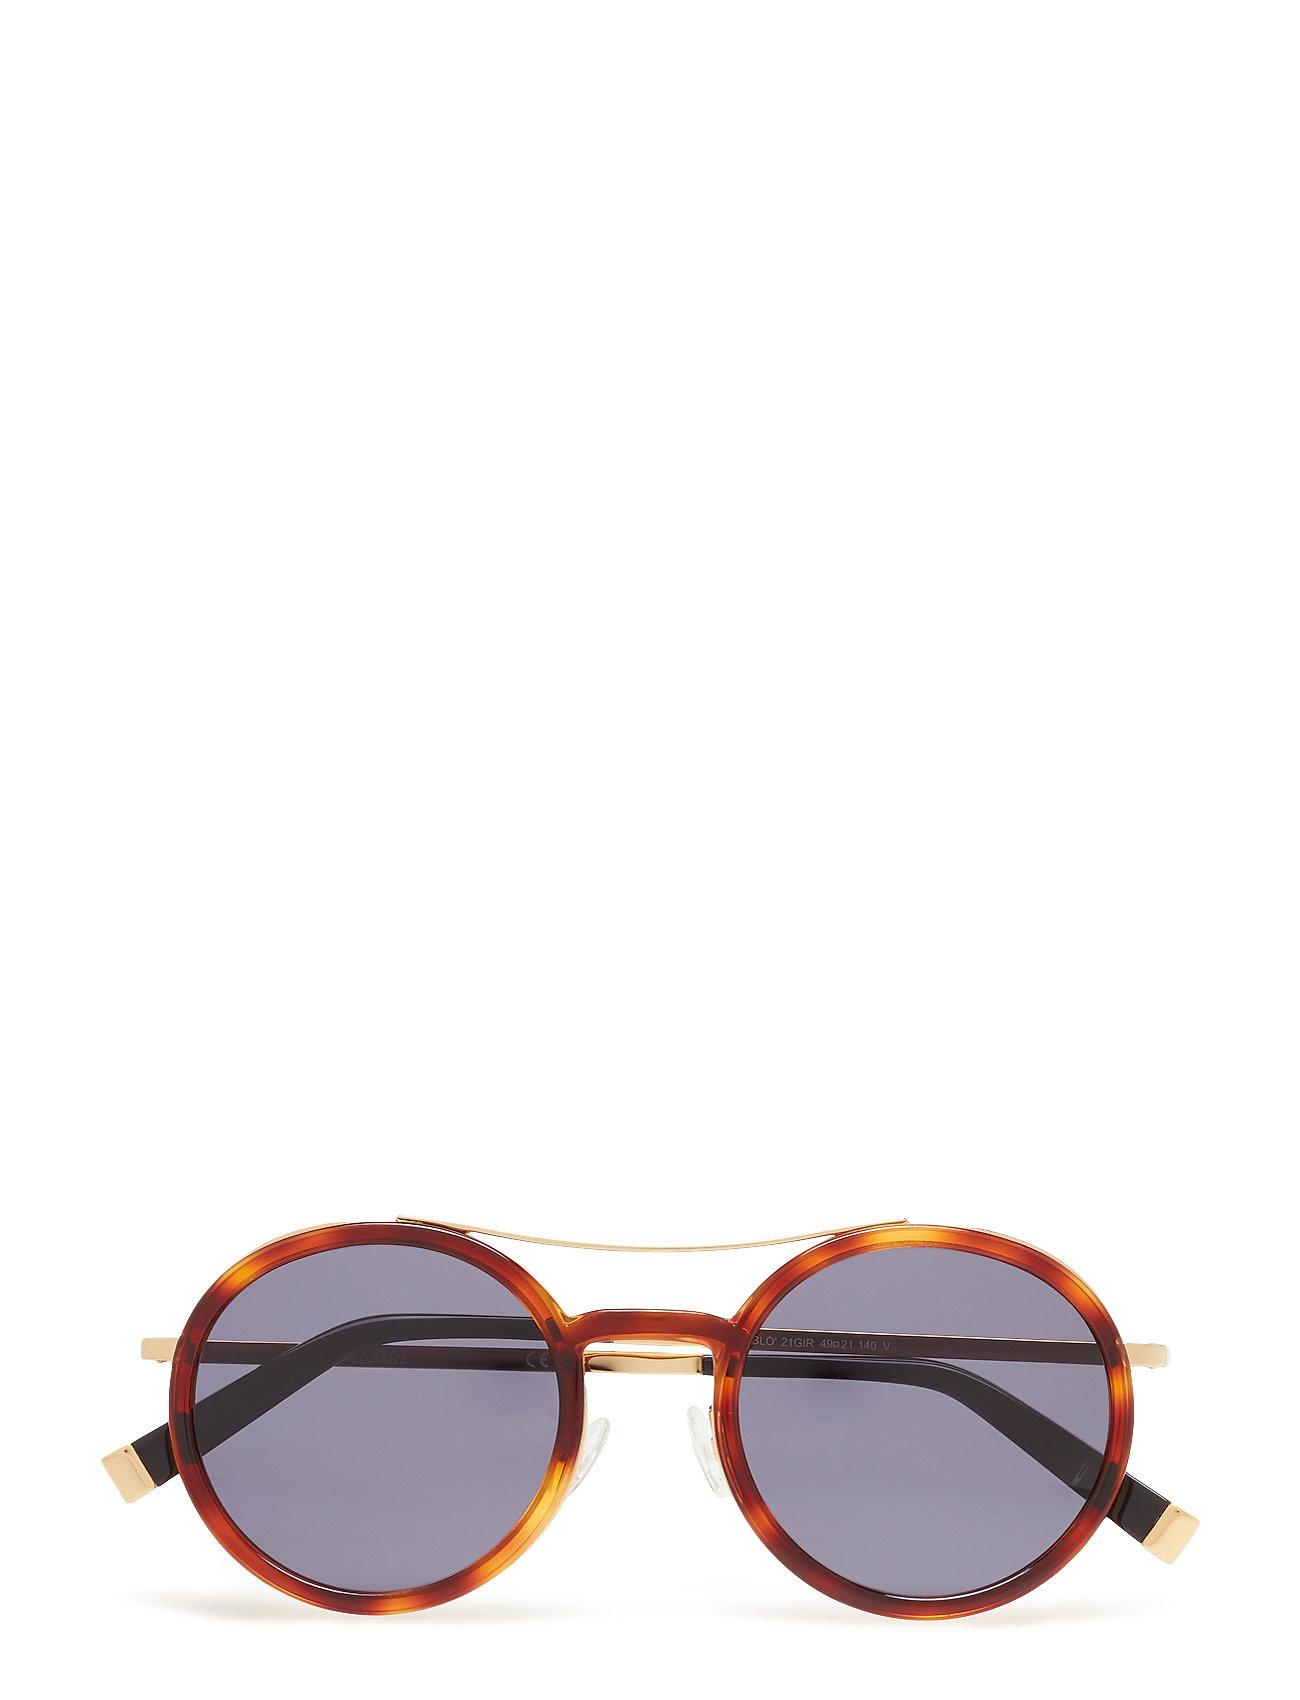 Mm Oblo MAXMARA Sunglasses Solbriller til Kvinder i Brun